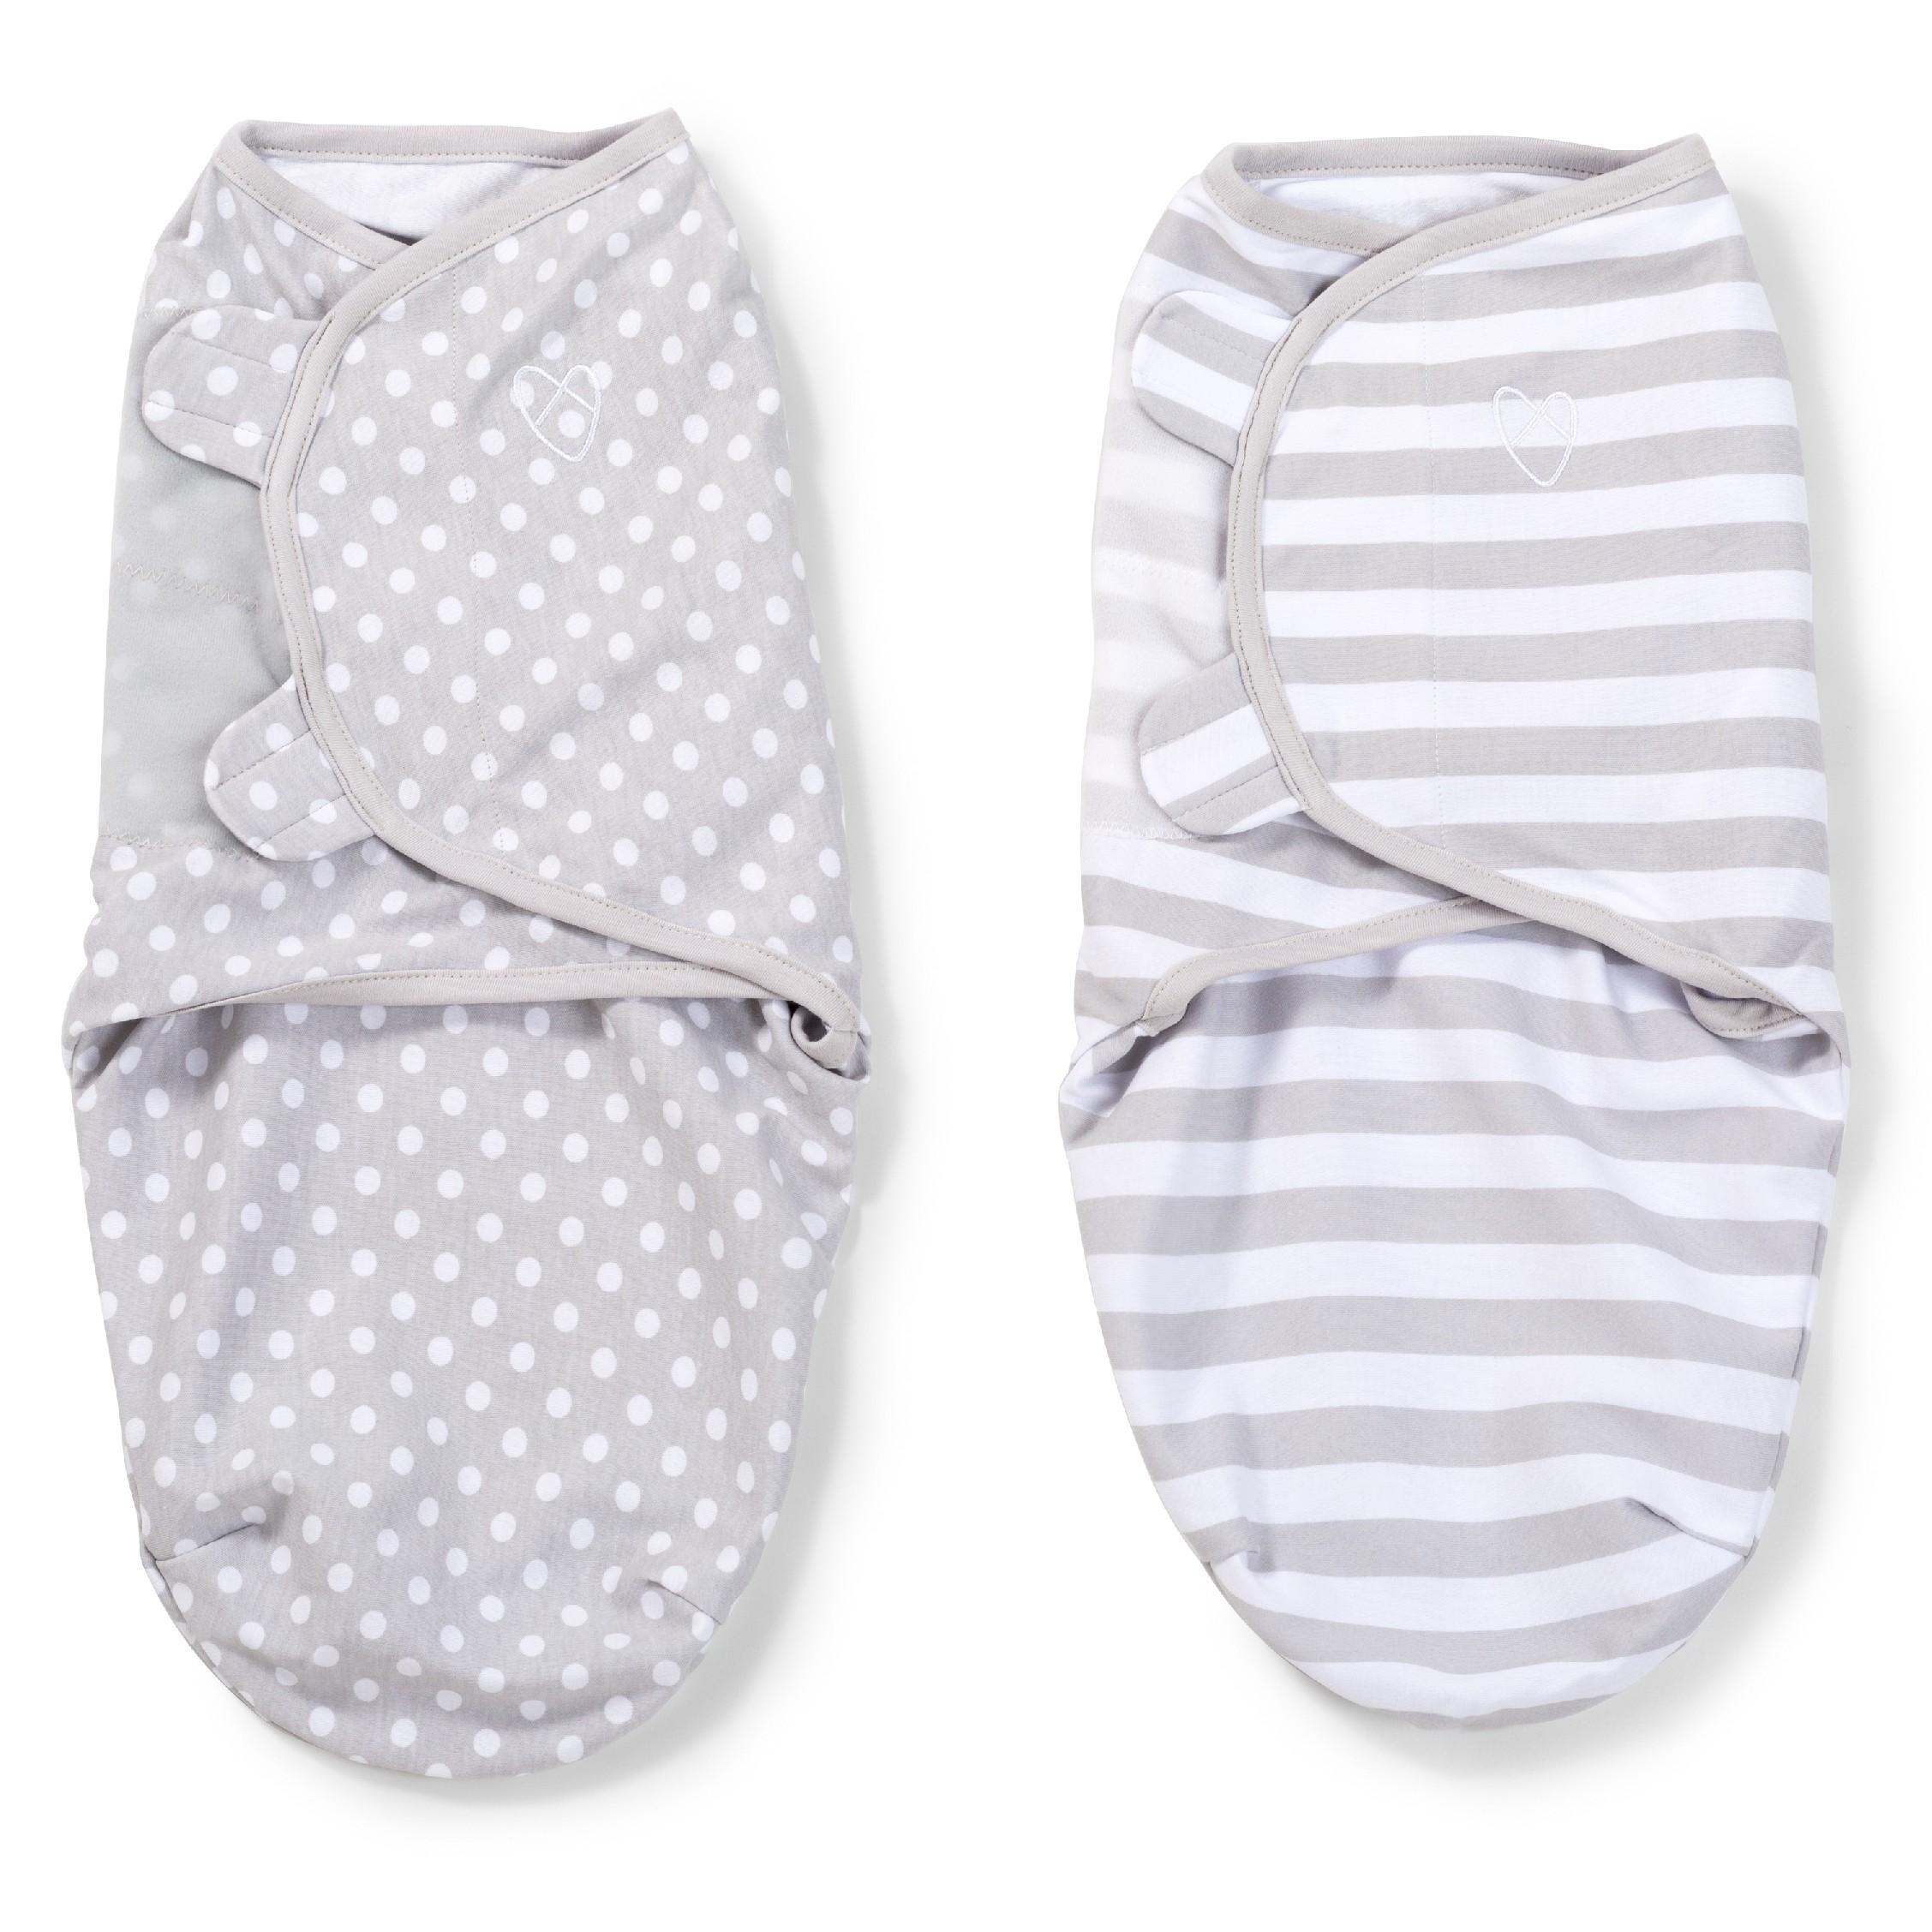 Summer Infant SwaddleMe zavinovačka 2ks šedé - puntíky/proužky - Doprava zdarma velikost: S (3,2-6,4kg) od narození do cca 3 měsíců